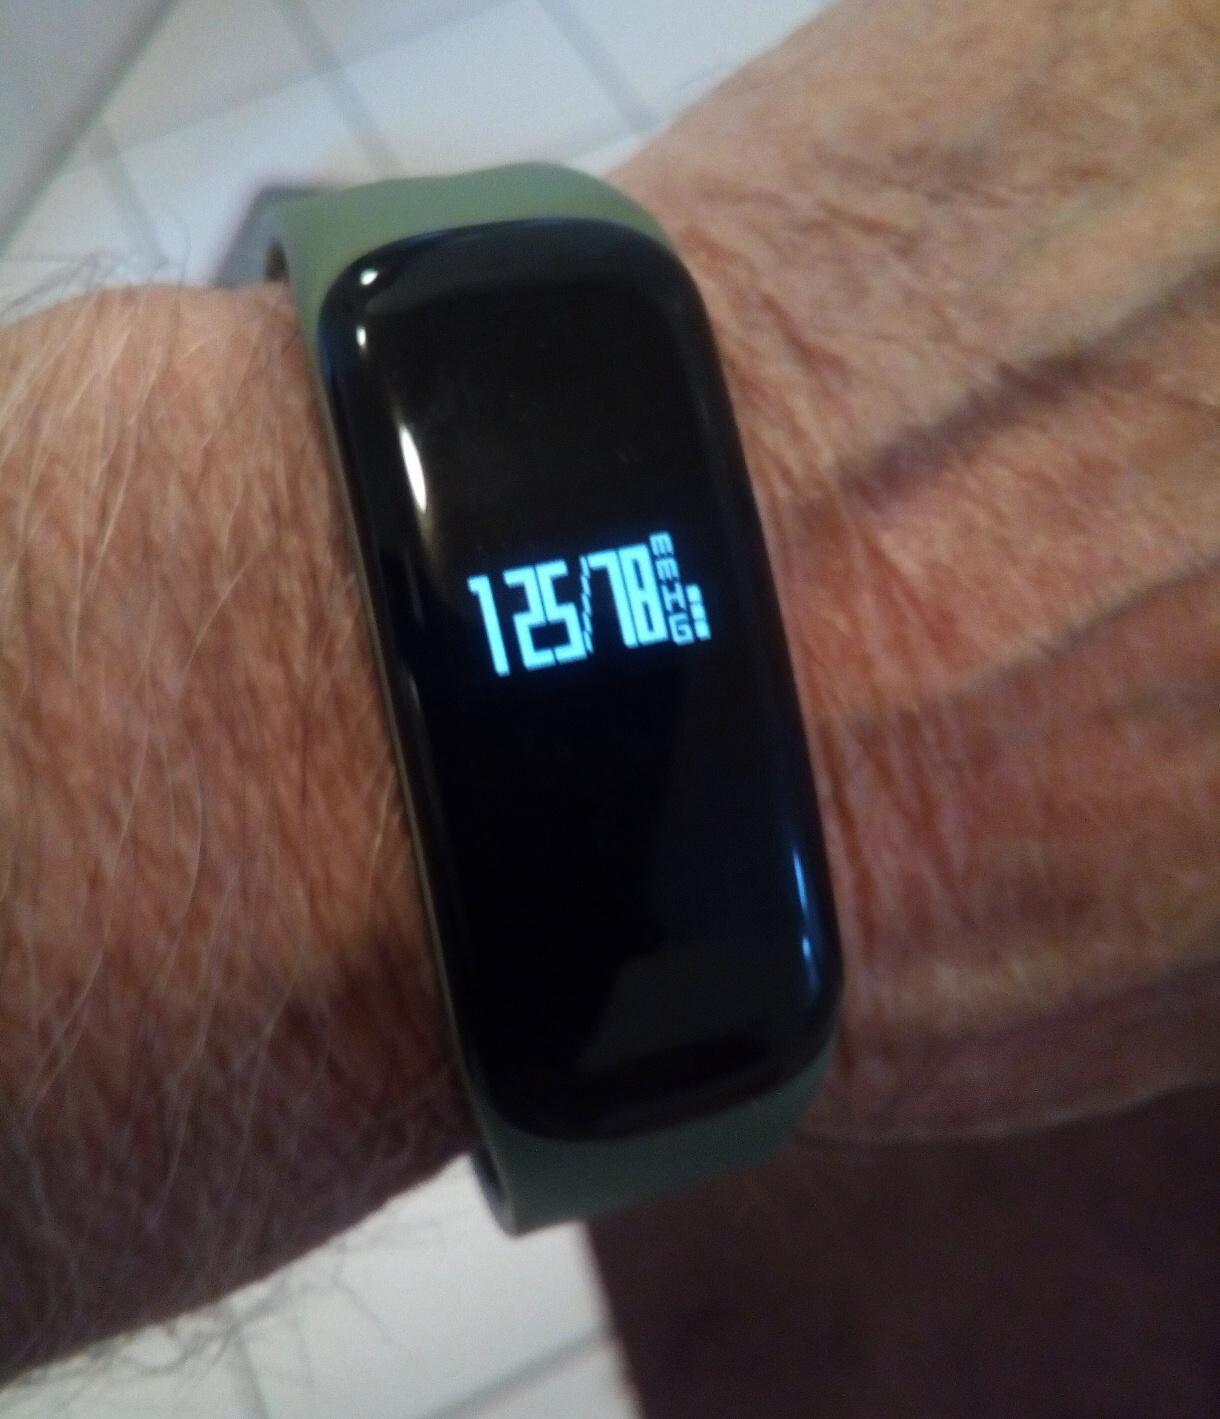 Fitness Armband mit Blutdruckmessung, wie funktioniert das..